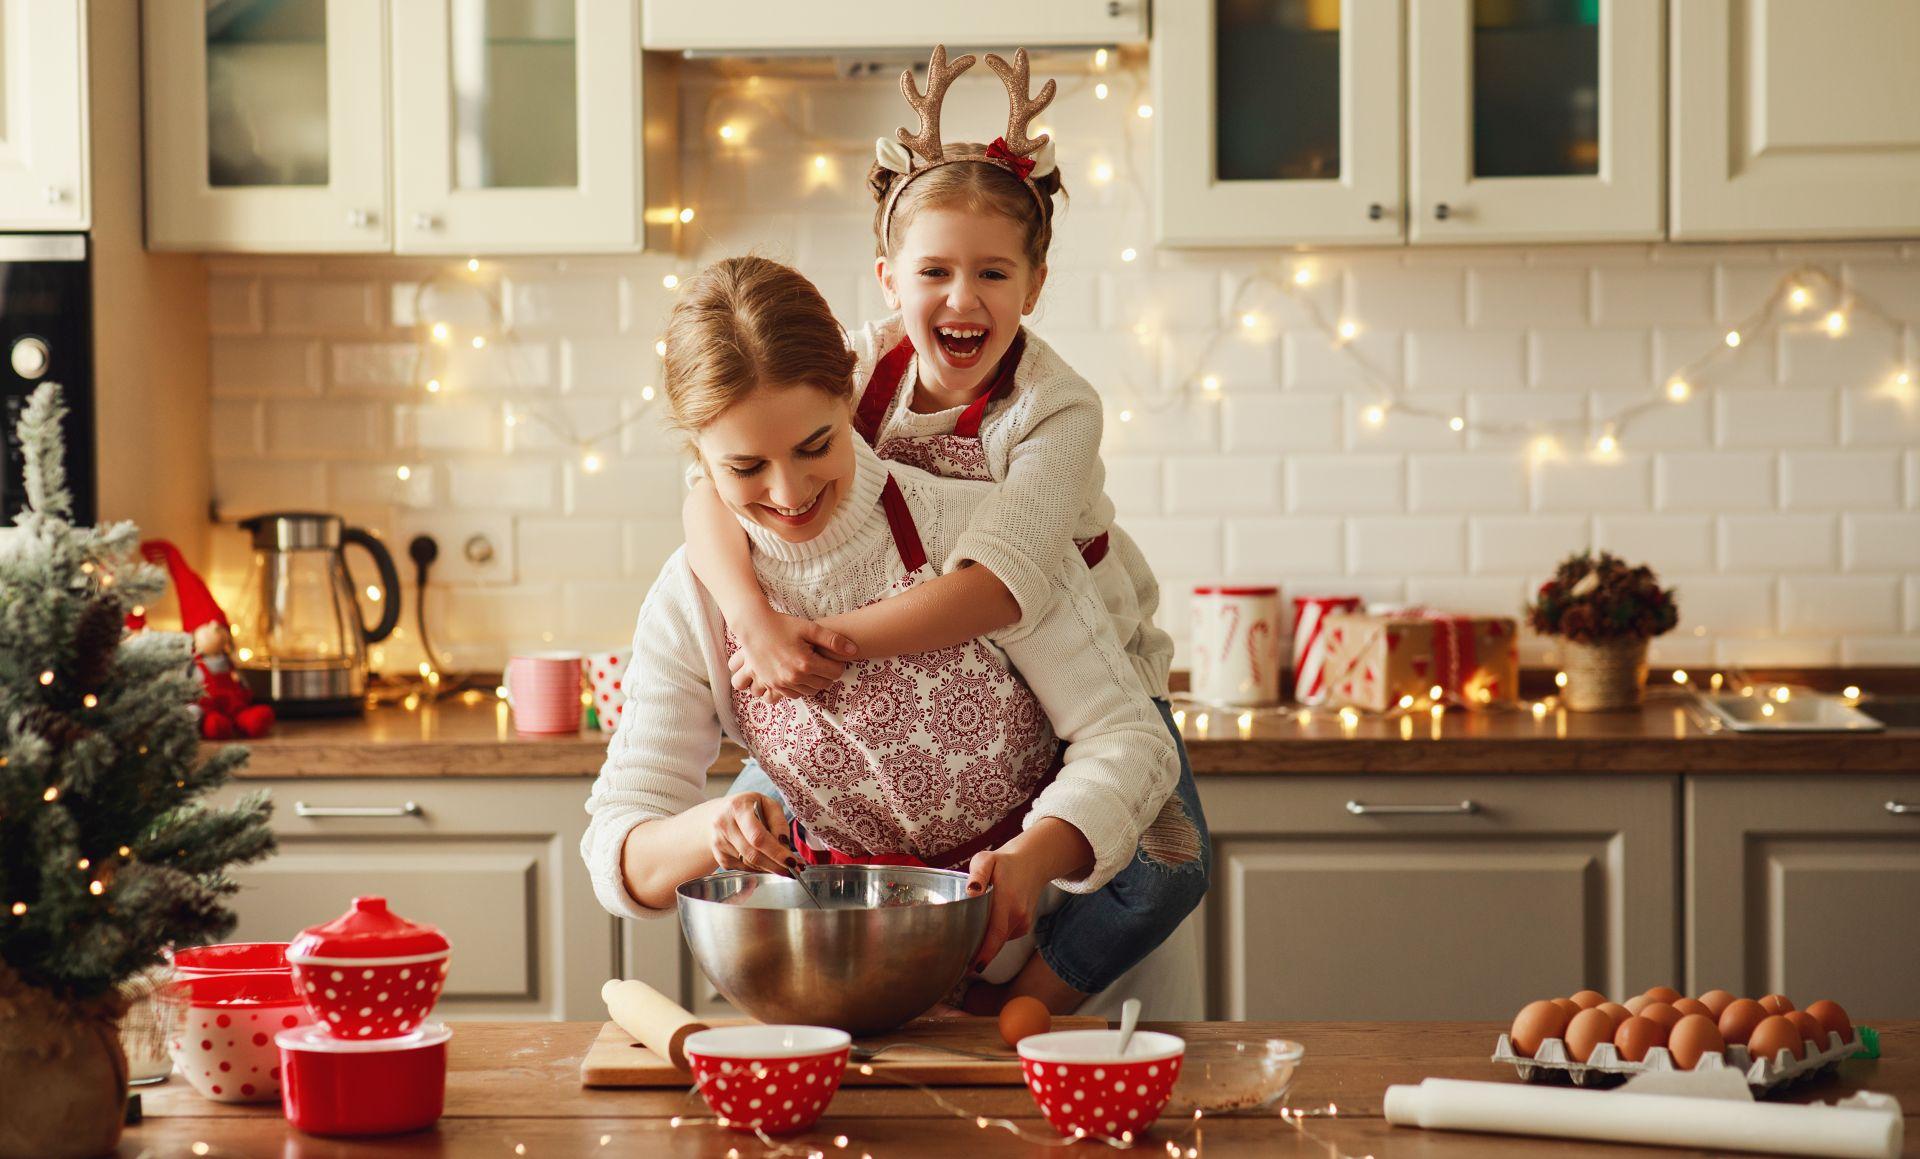 Potrawy wigilijne nie muszą być tłuste i ciężkostrawne - zmodyfikuj składniki, aby były lżejsze, ale nadal tak samo smaczne! Zadbaj o cholesterol i serce nawet w świąteczny czas!